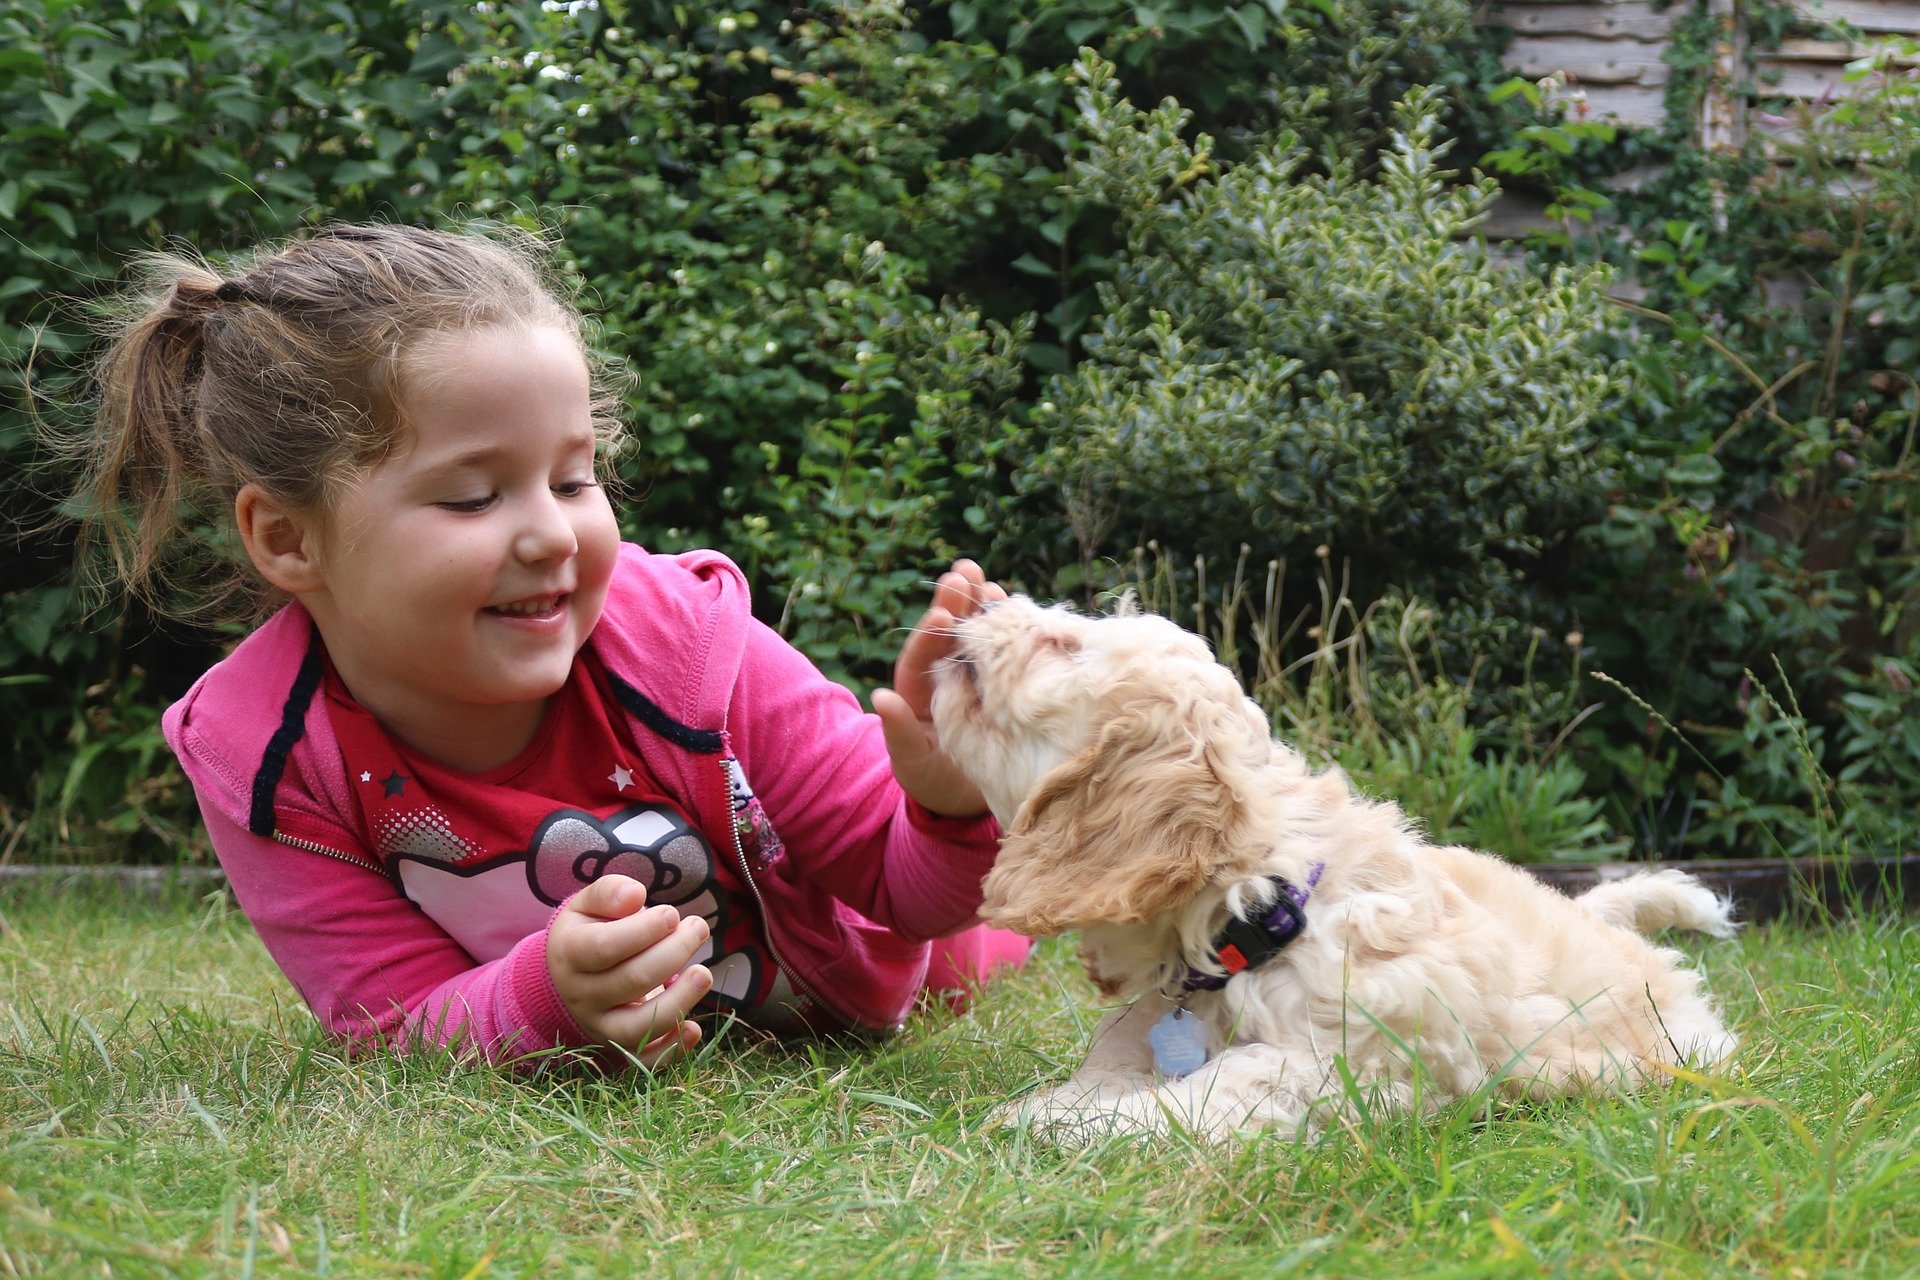 Cani per bambini: quali sono le razze più adatte?